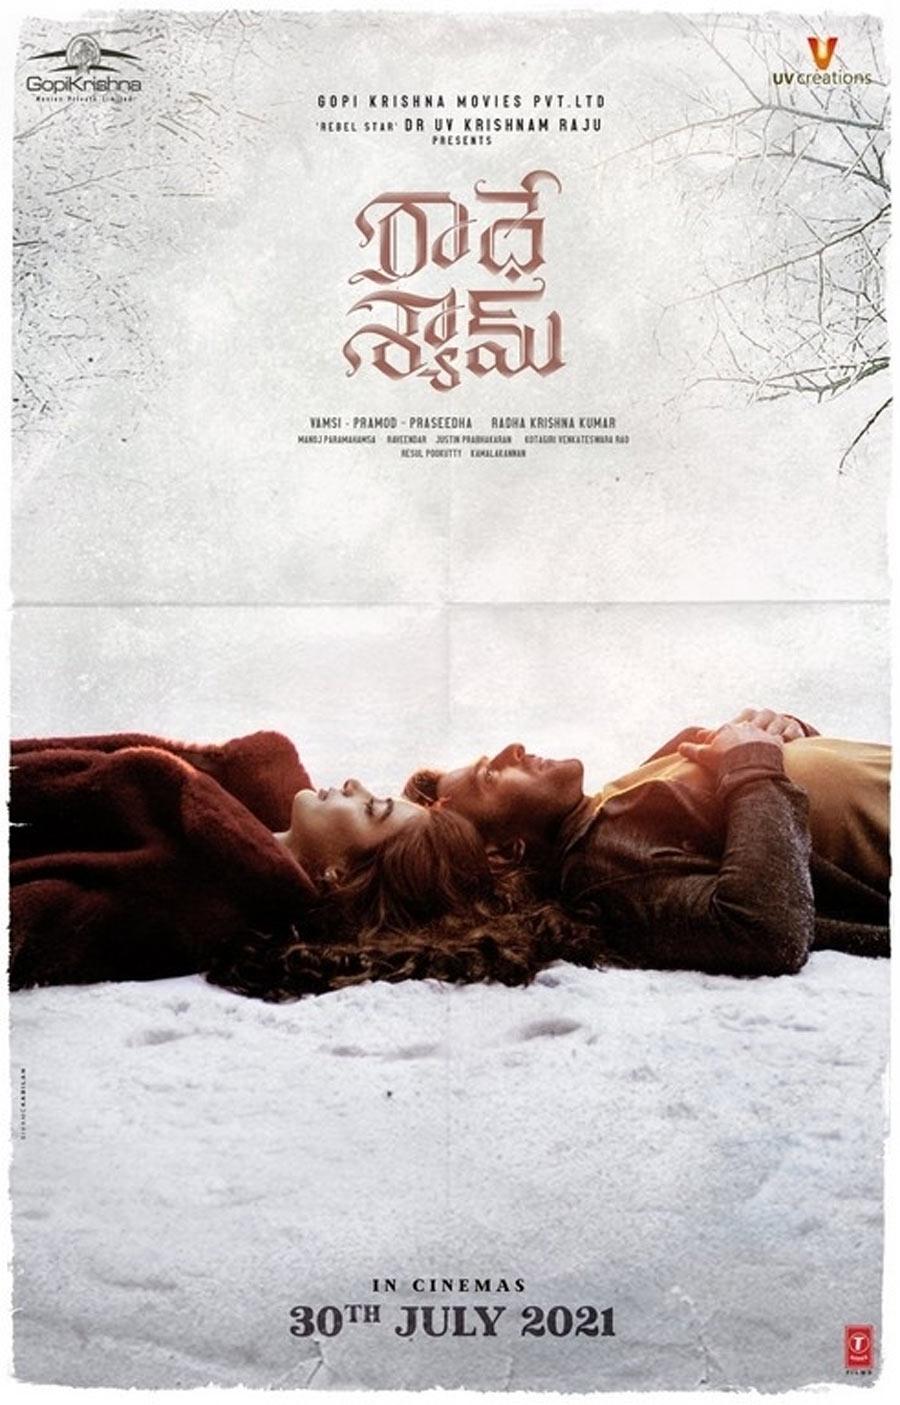 radhe shyam movie,radhe shyam pan india movie,prabhas radhe shyam,radhe shyam movie update,maha shivaratri special radhe shyam,radhe shyam pan india movie latest update,prabhas fans,social media  రాధేశ్యామ్: రాదా నీరసం